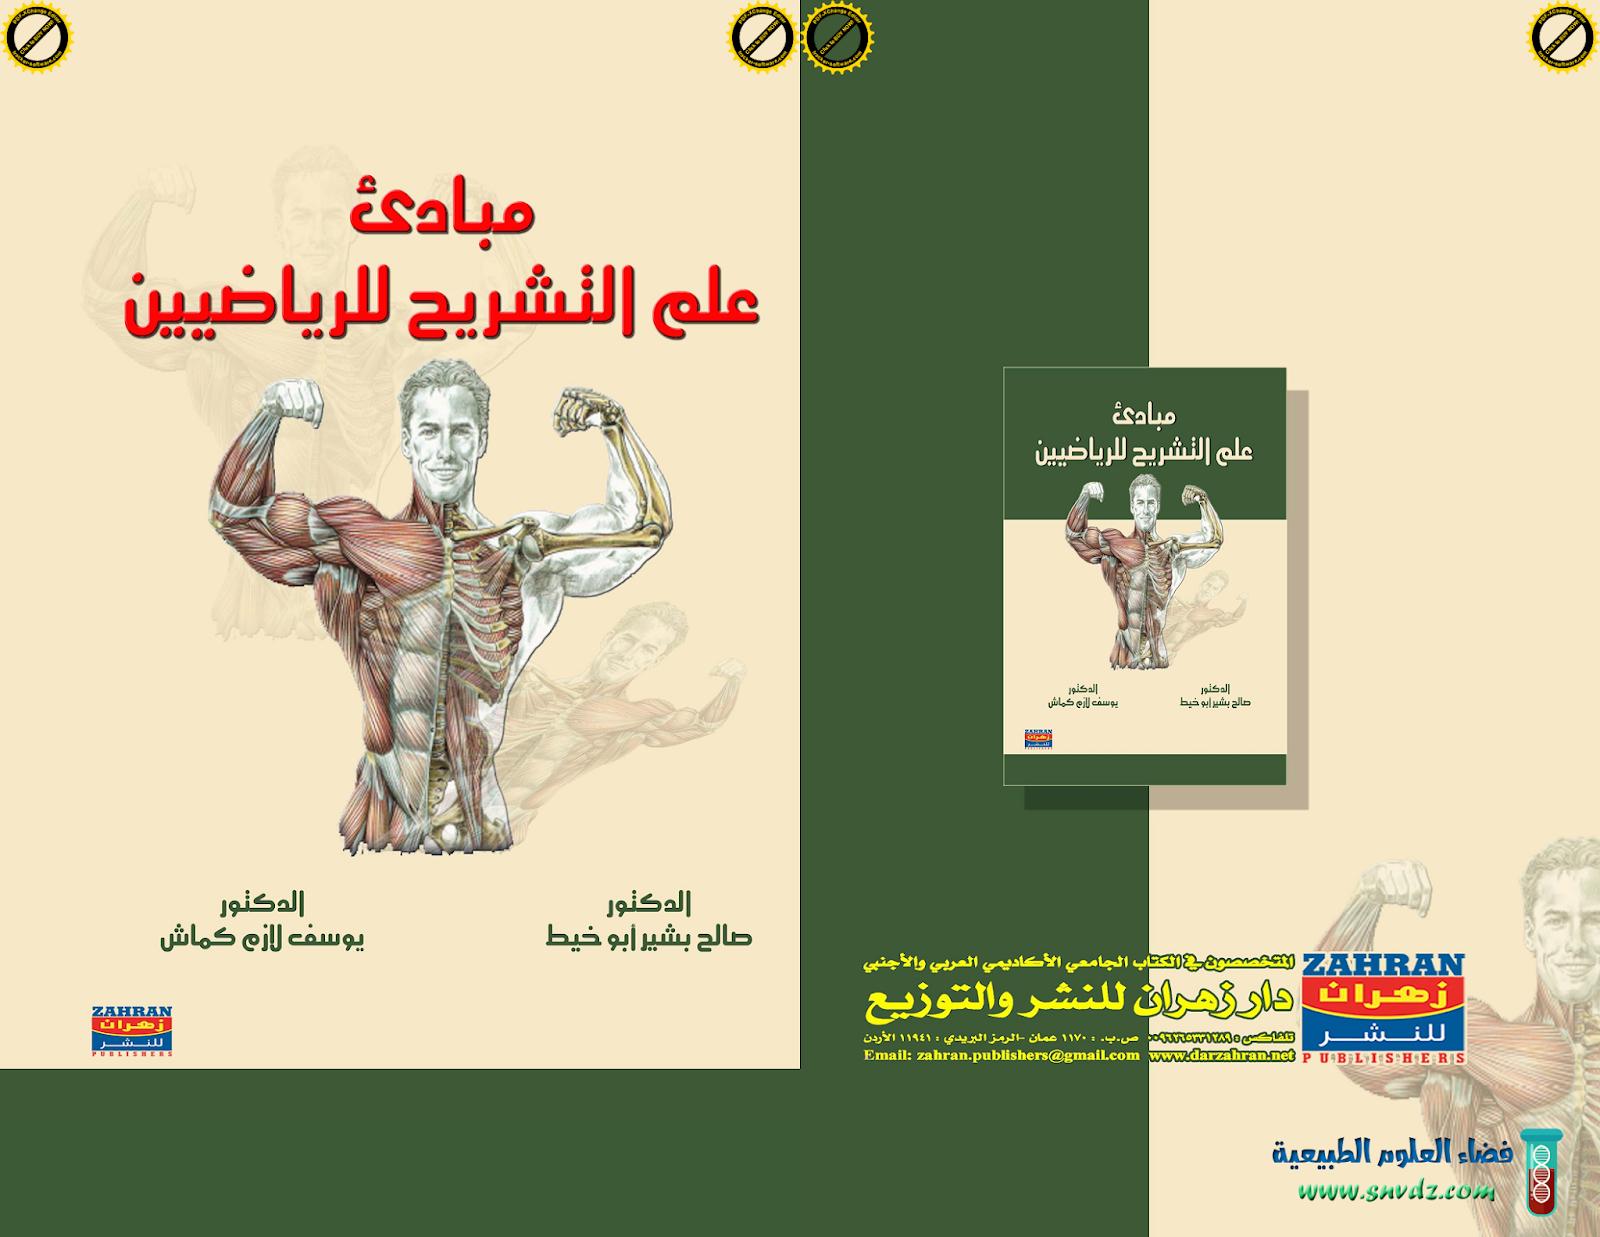 كتاب علم التشريح الطبي للرياضيين pdf